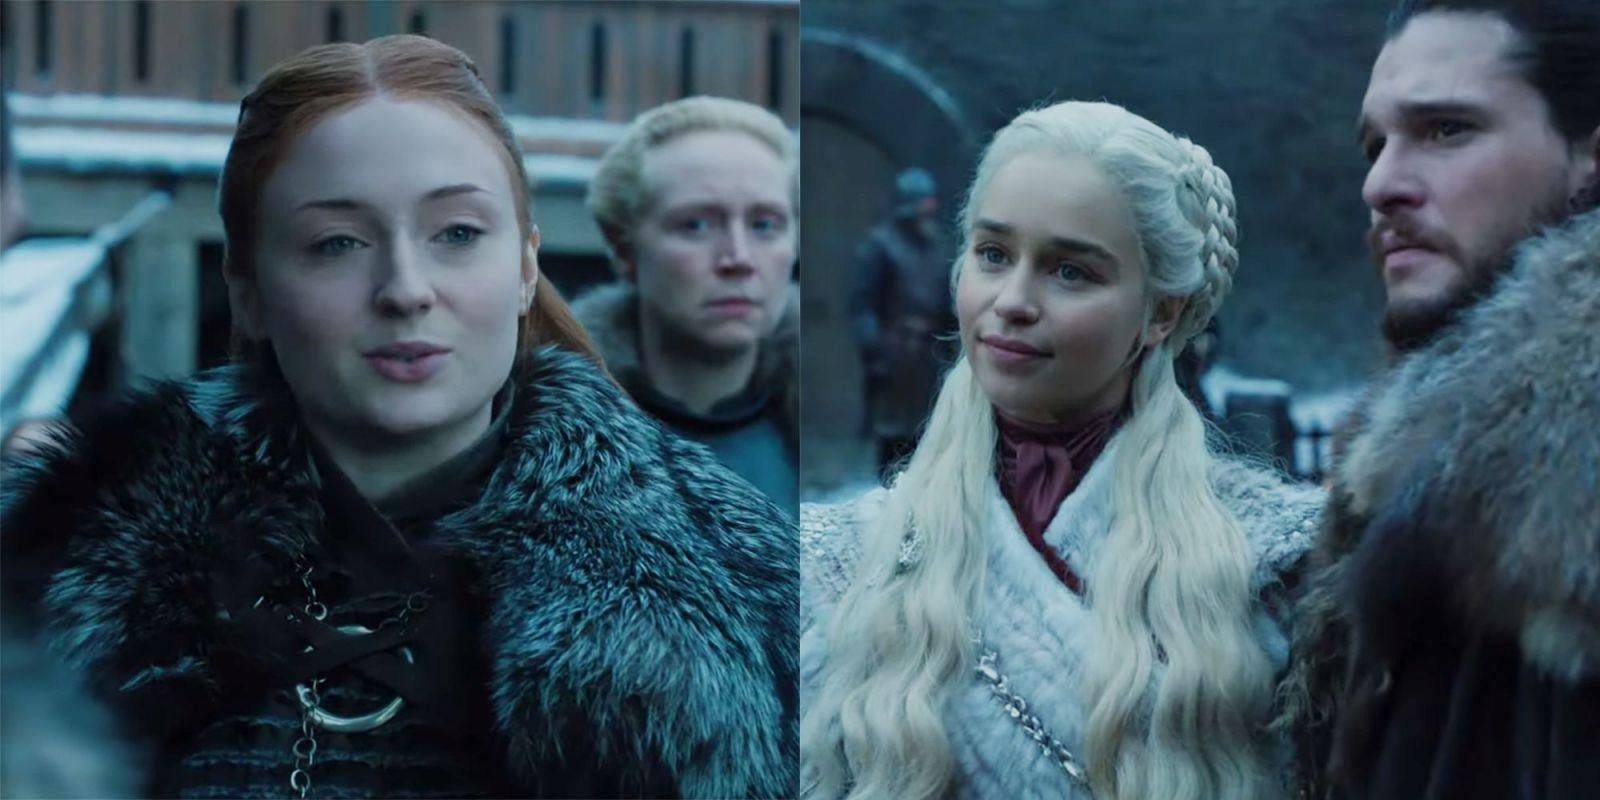 Prvé zábery z poslednej série Game of Thrones ukazujú, že Sansa nevíta Daenerys s veľkým nadšením